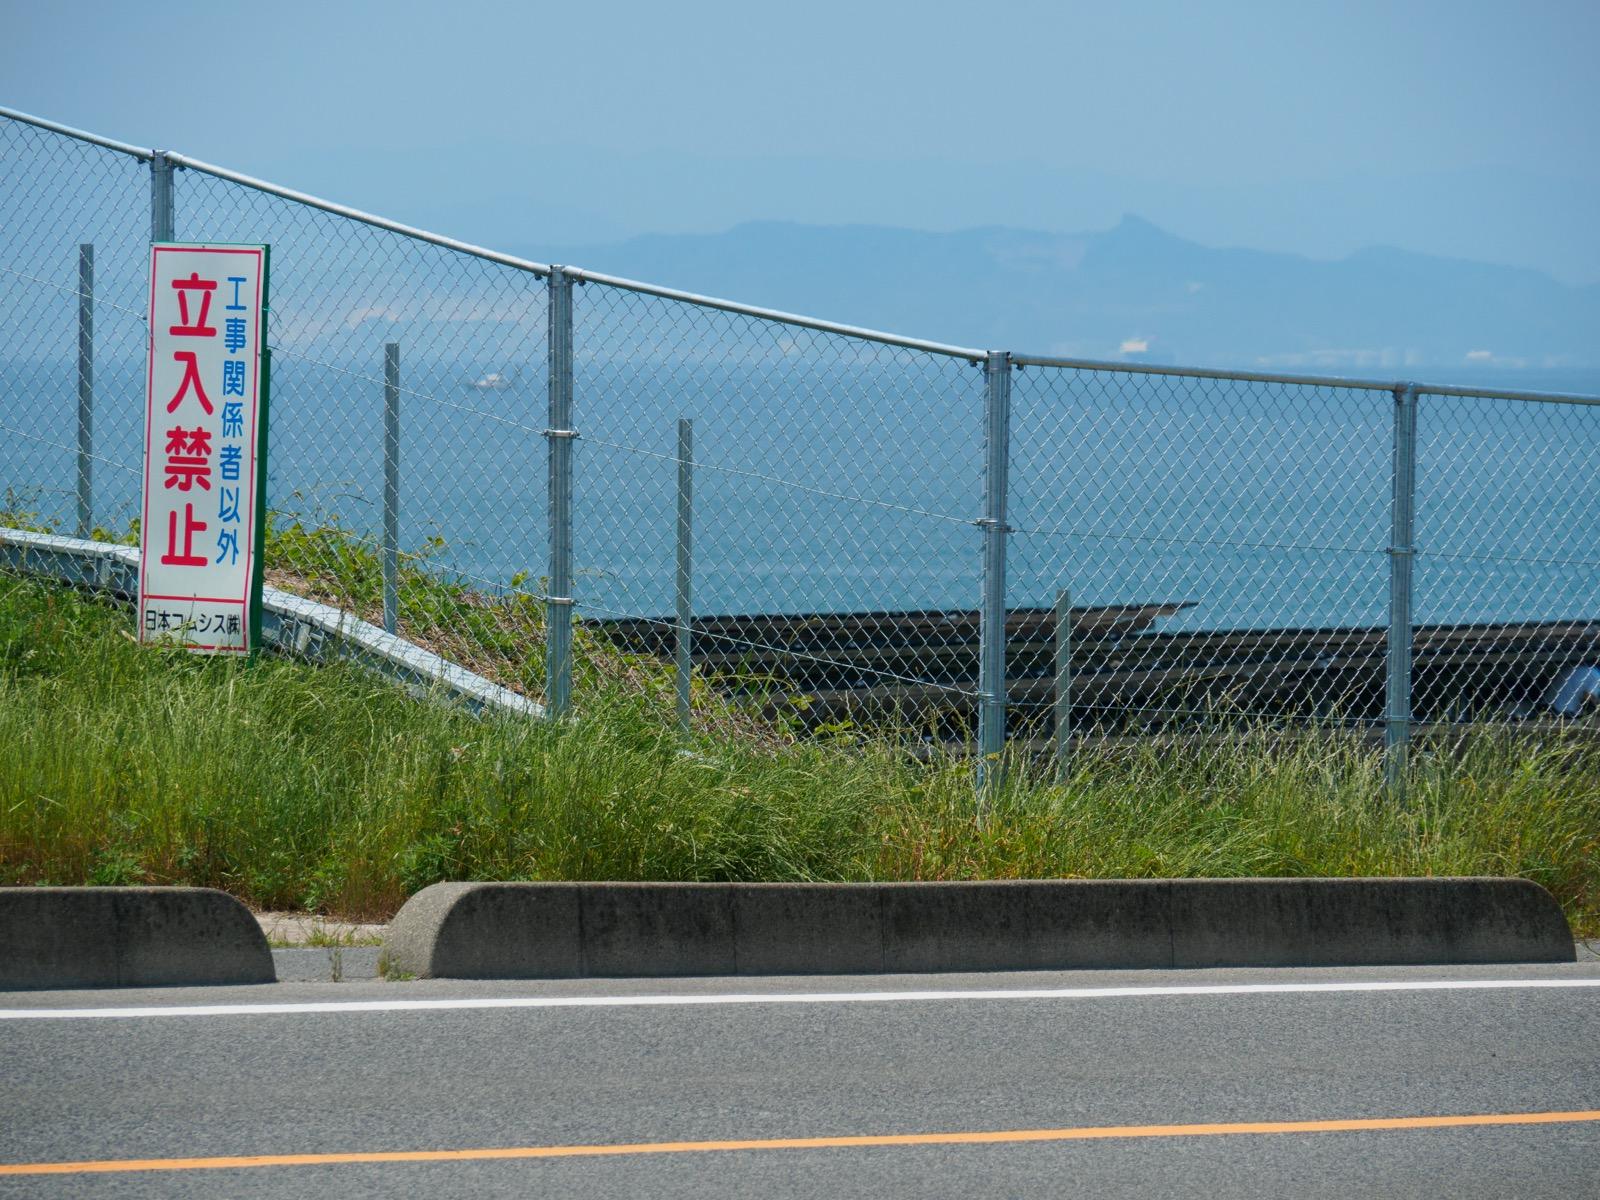 長門本山駅のホームから望む、瀬戸内海の周防灘